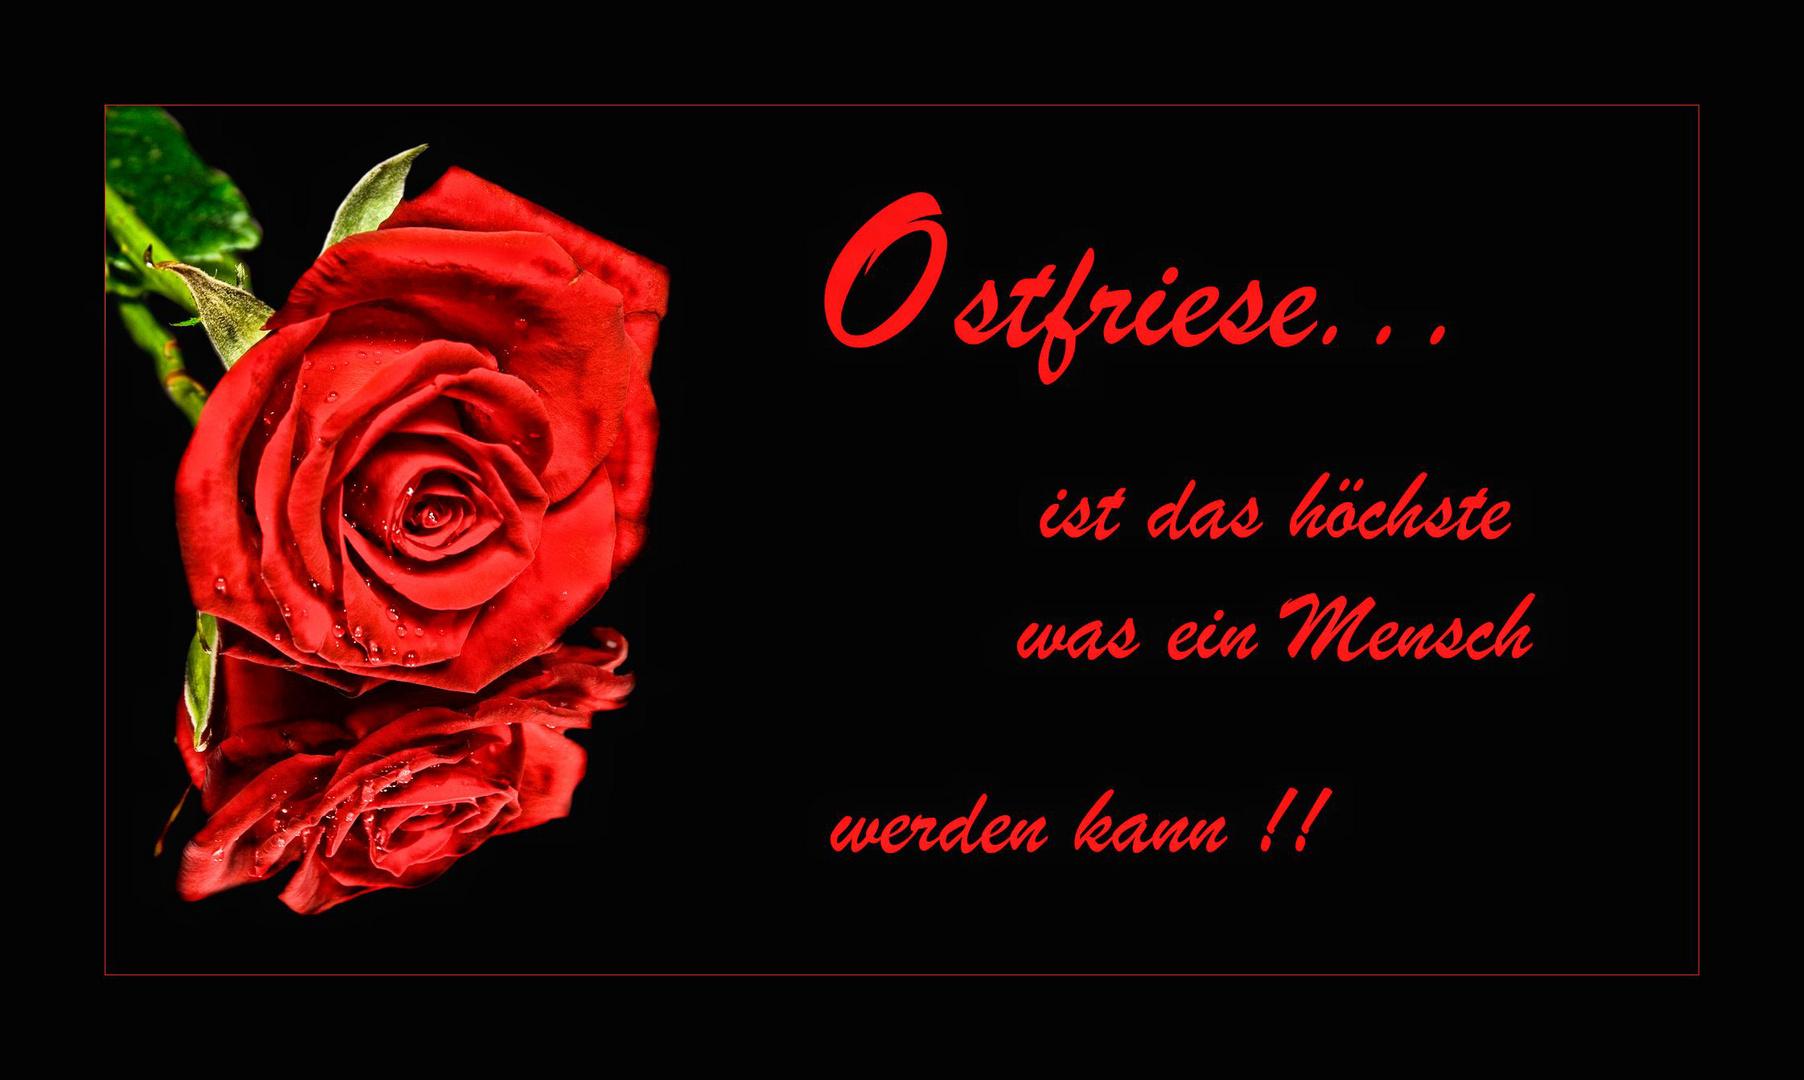 Ostfriese.....